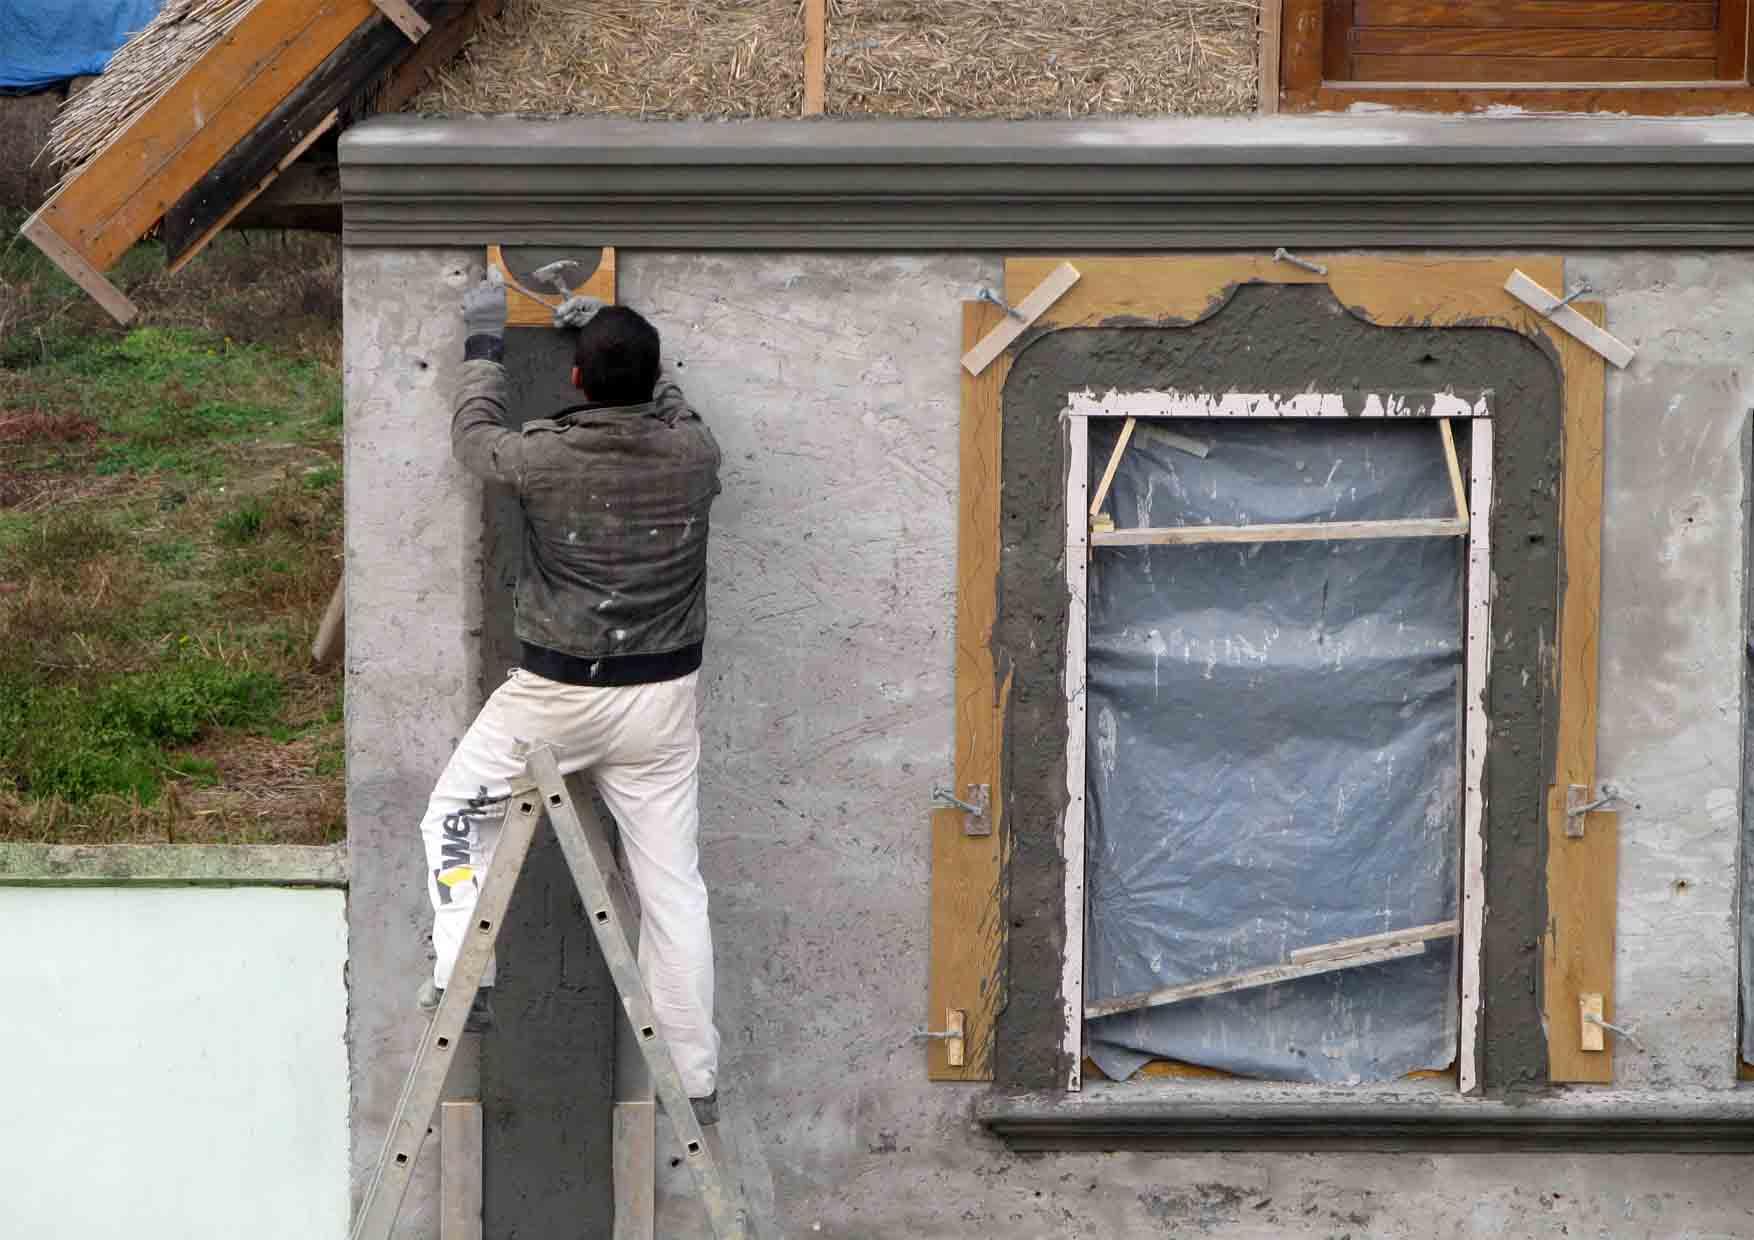 39-mo-krecna-radionica-likorezacki-radovi-sabloni-fasada